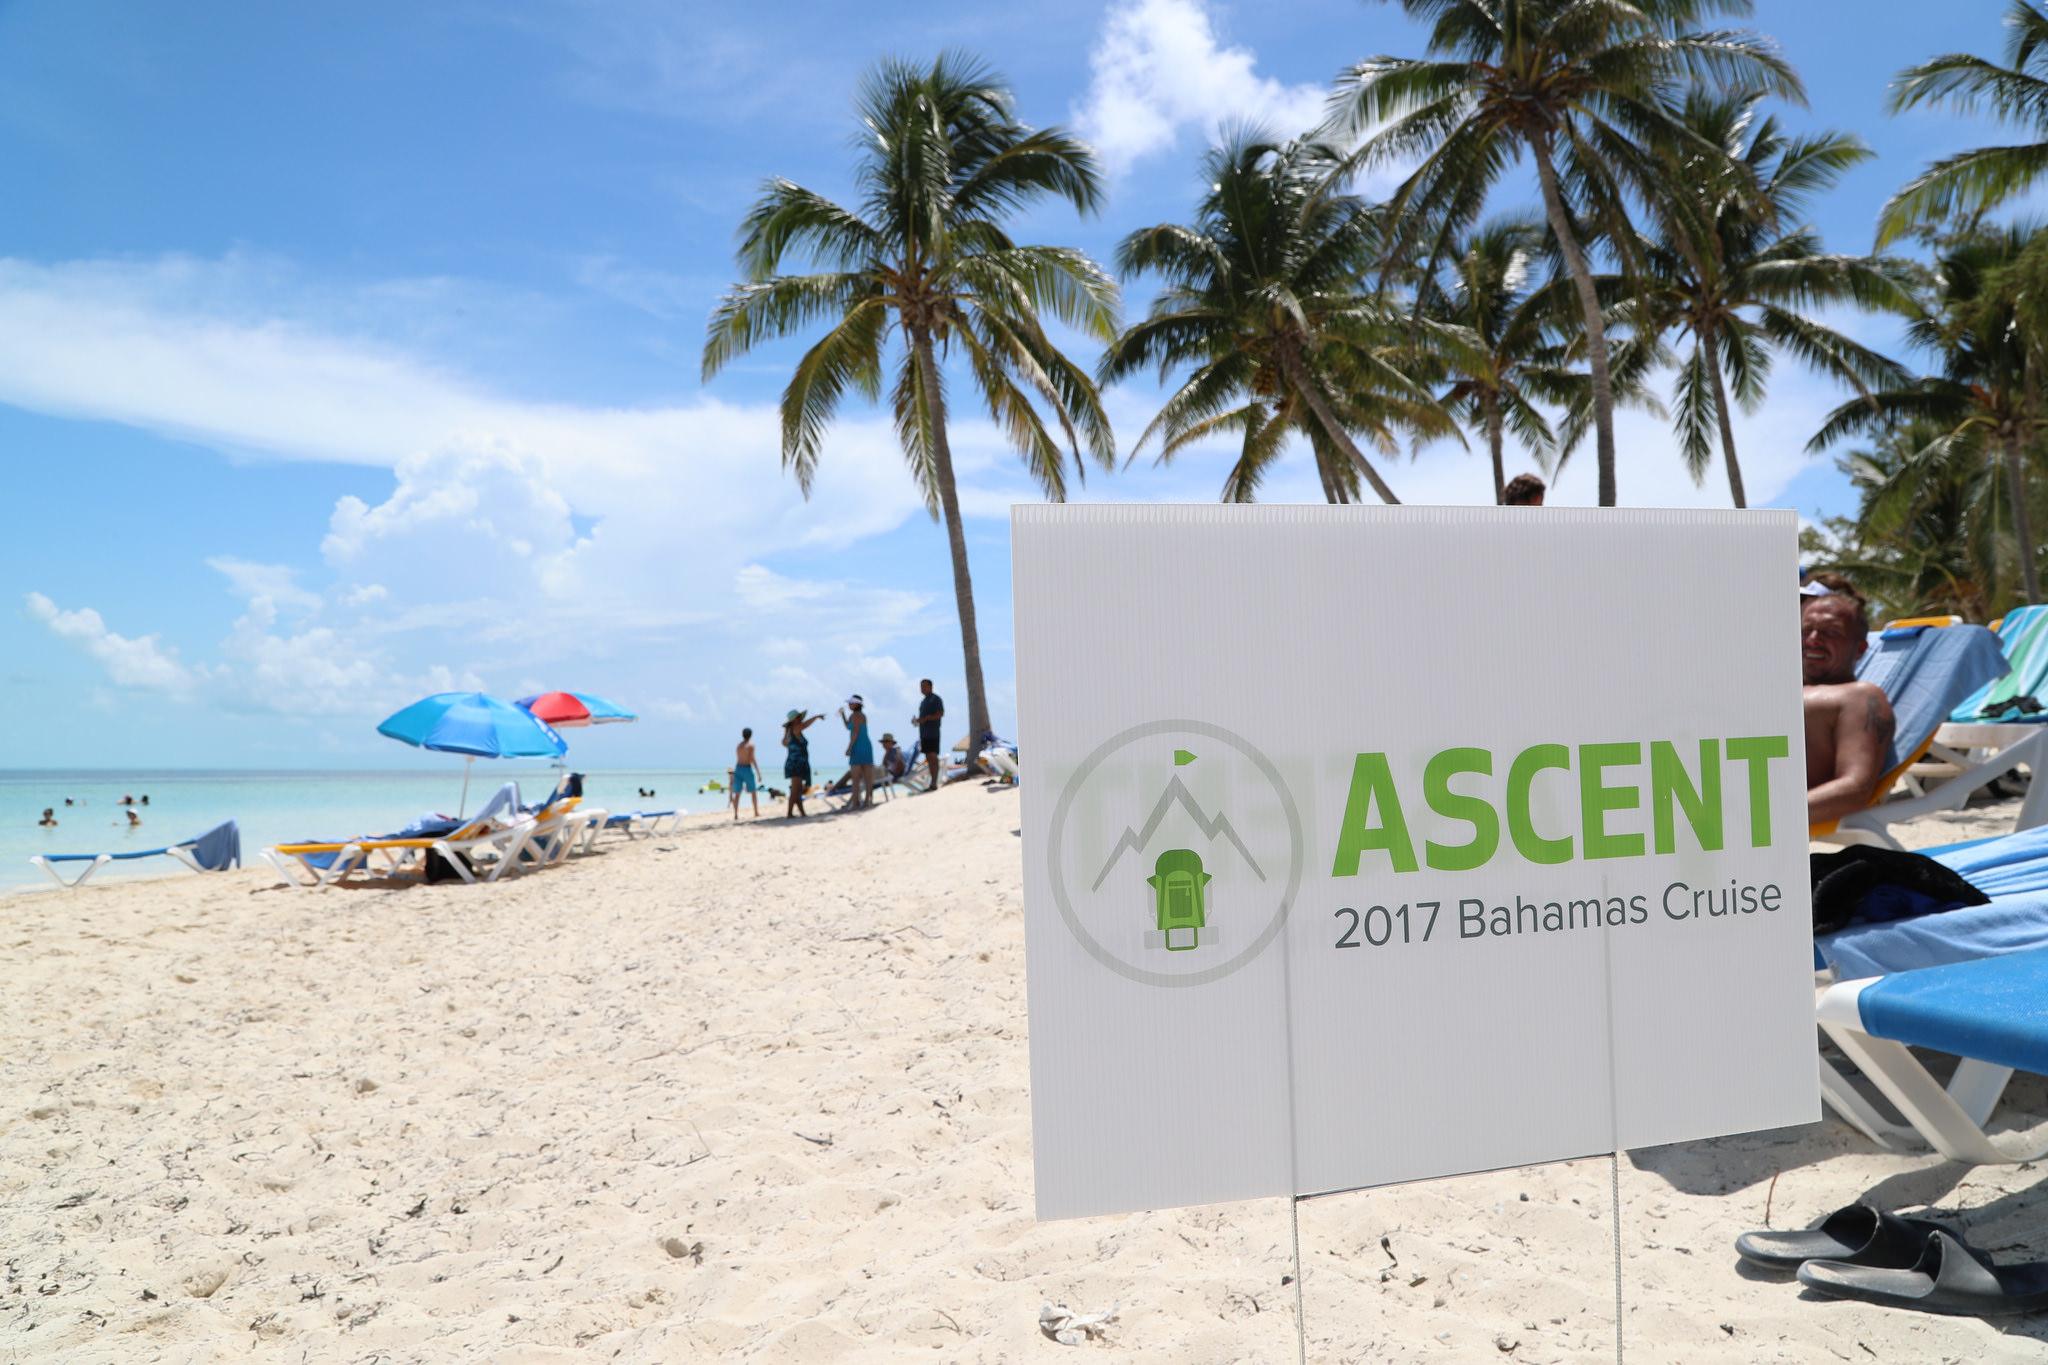 Ascent Bahamas Cruise